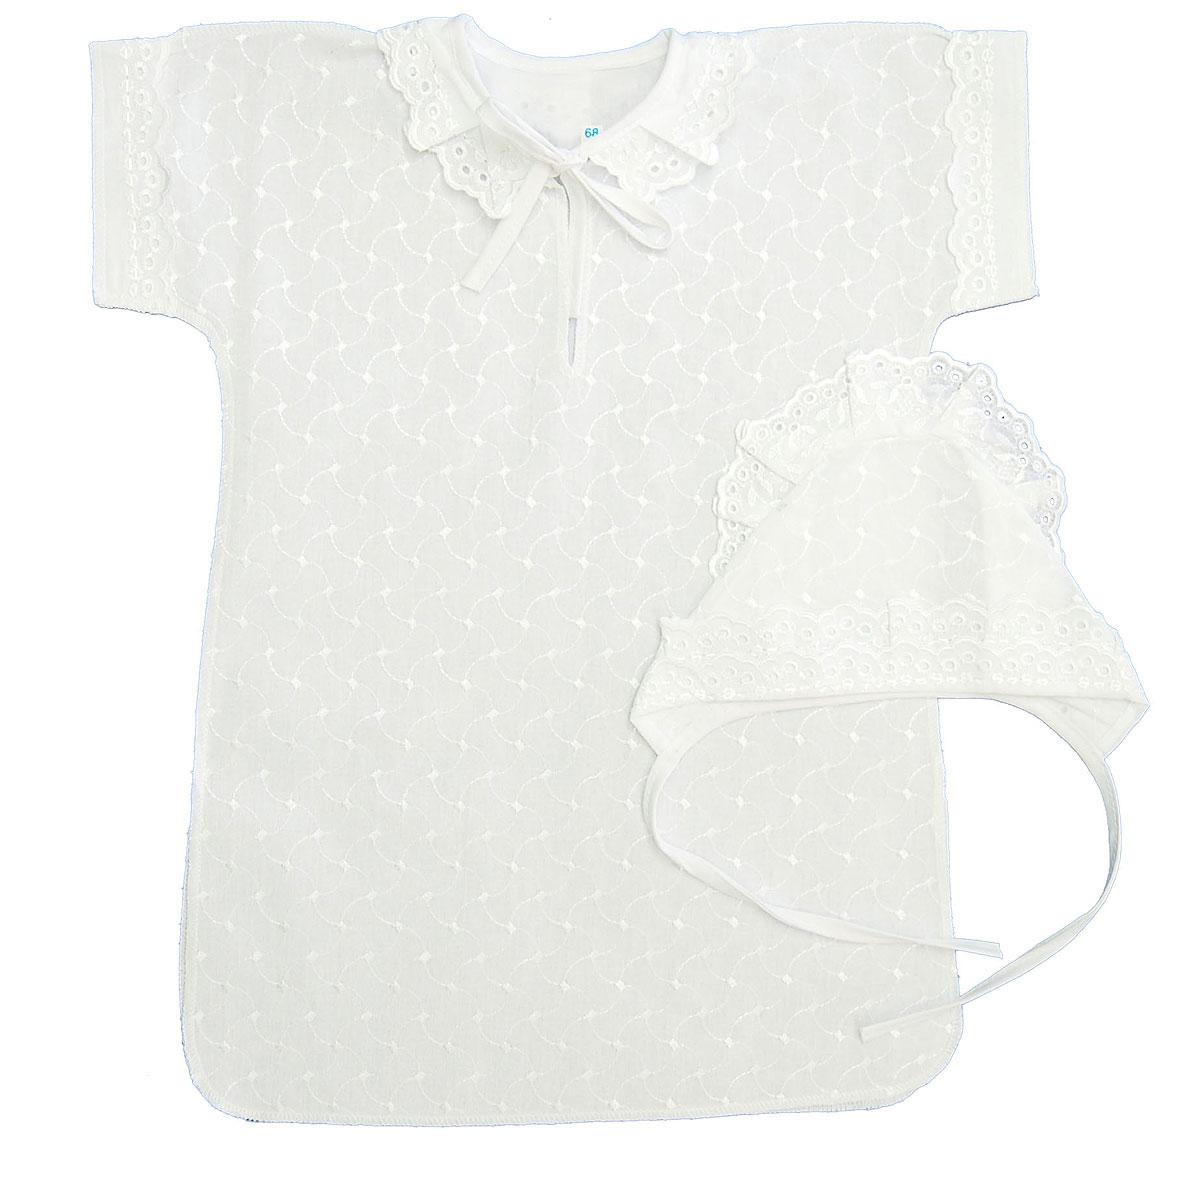 Комплект для крещения детский Трон-плюс: рубашка, чепчик, цвет: белый. 1403. Размер 68, 6 месяцев1403Великолепный комплект для крещения Трон-плюс состоит из рубашки и чепчика. Изготовленный из натурального хлопка, он необычайно мягкий и приятный на ощупь, не сковывает движения младенца и позволяет коже дышать, не раздражает нежную кожу ребенка, обеспечивая ему наибольший комфорт. Рубашечка прямого кроя с короткими цельнокроенными рукавами спереди украшена вышивкой. Вырез горловины дополнен завязками и украшен ажурными рюшами. Край рукавов также украшен ажурными рюшами. Низ изделия по бокам дополнен двумя разрезами. Мягкий чепчик необходим любому младенцу, он защищает еще не заросший родничок, щадит чувствительный слух малыша, прикрывая ушки, и предохраняет от теплопотерь. Чепчик украшен вышивкой, ажурными рюшами. Затылочная часть рюшей изи широкого шитья. Такой комплект станет незаменимым для обряда Крещения и поможет сделать его запоминающимся.